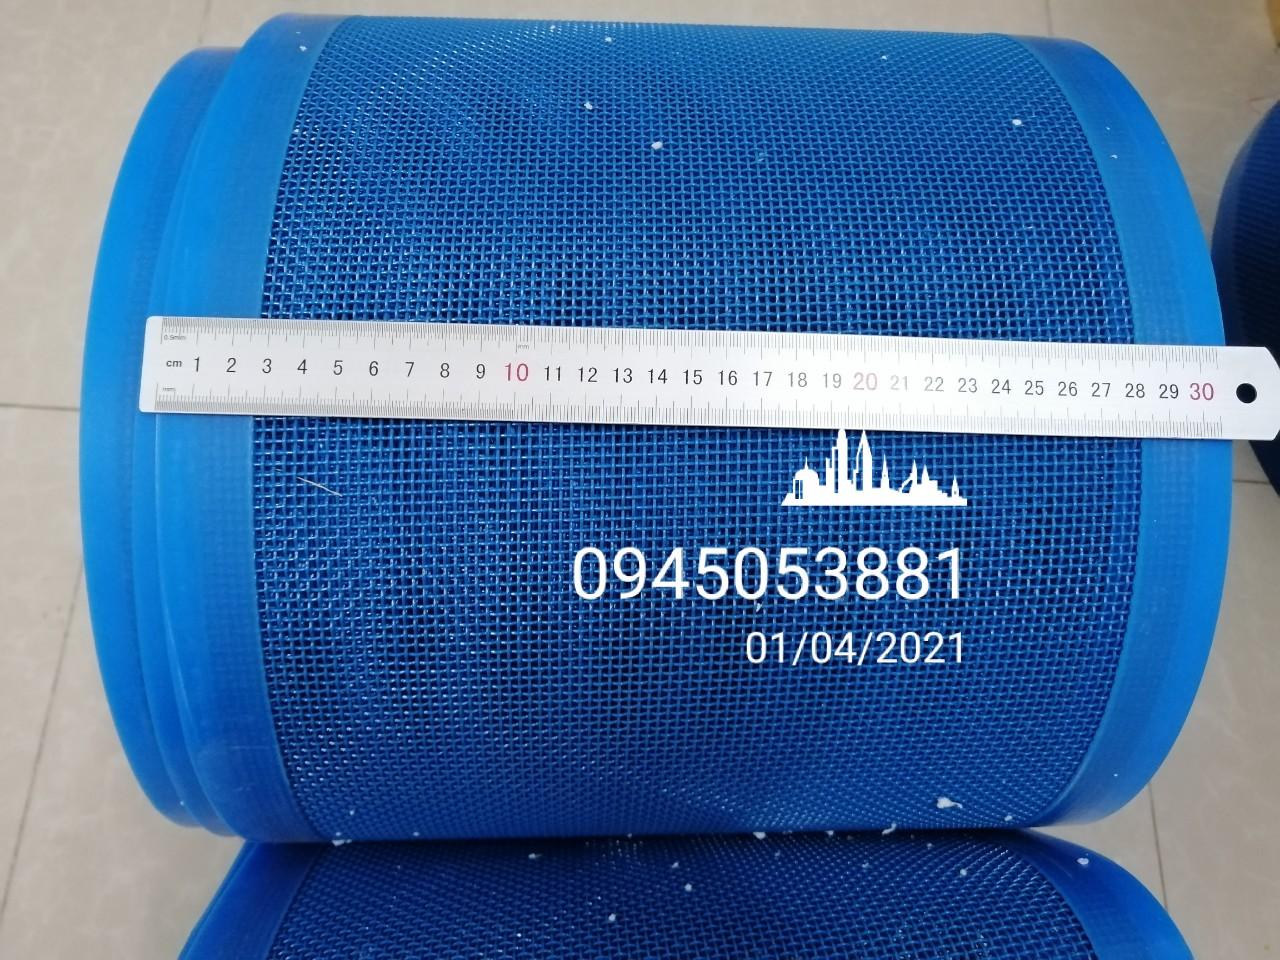 Băng tải lưới nhựa màu xanh, ô vuông an toàn vệ sinh, chịu nhiệt độ chất lượng cao